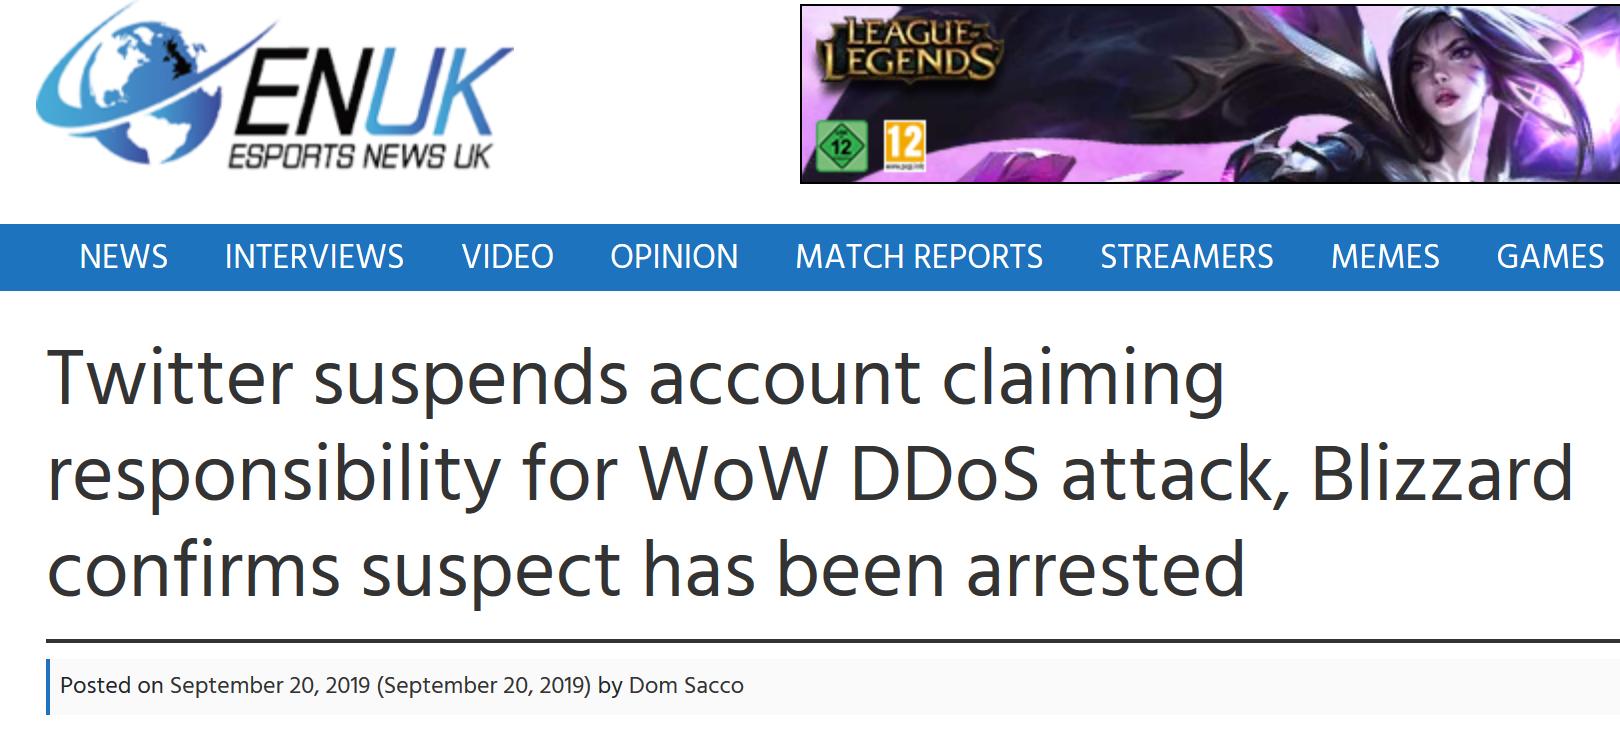 esports wow ddos attack